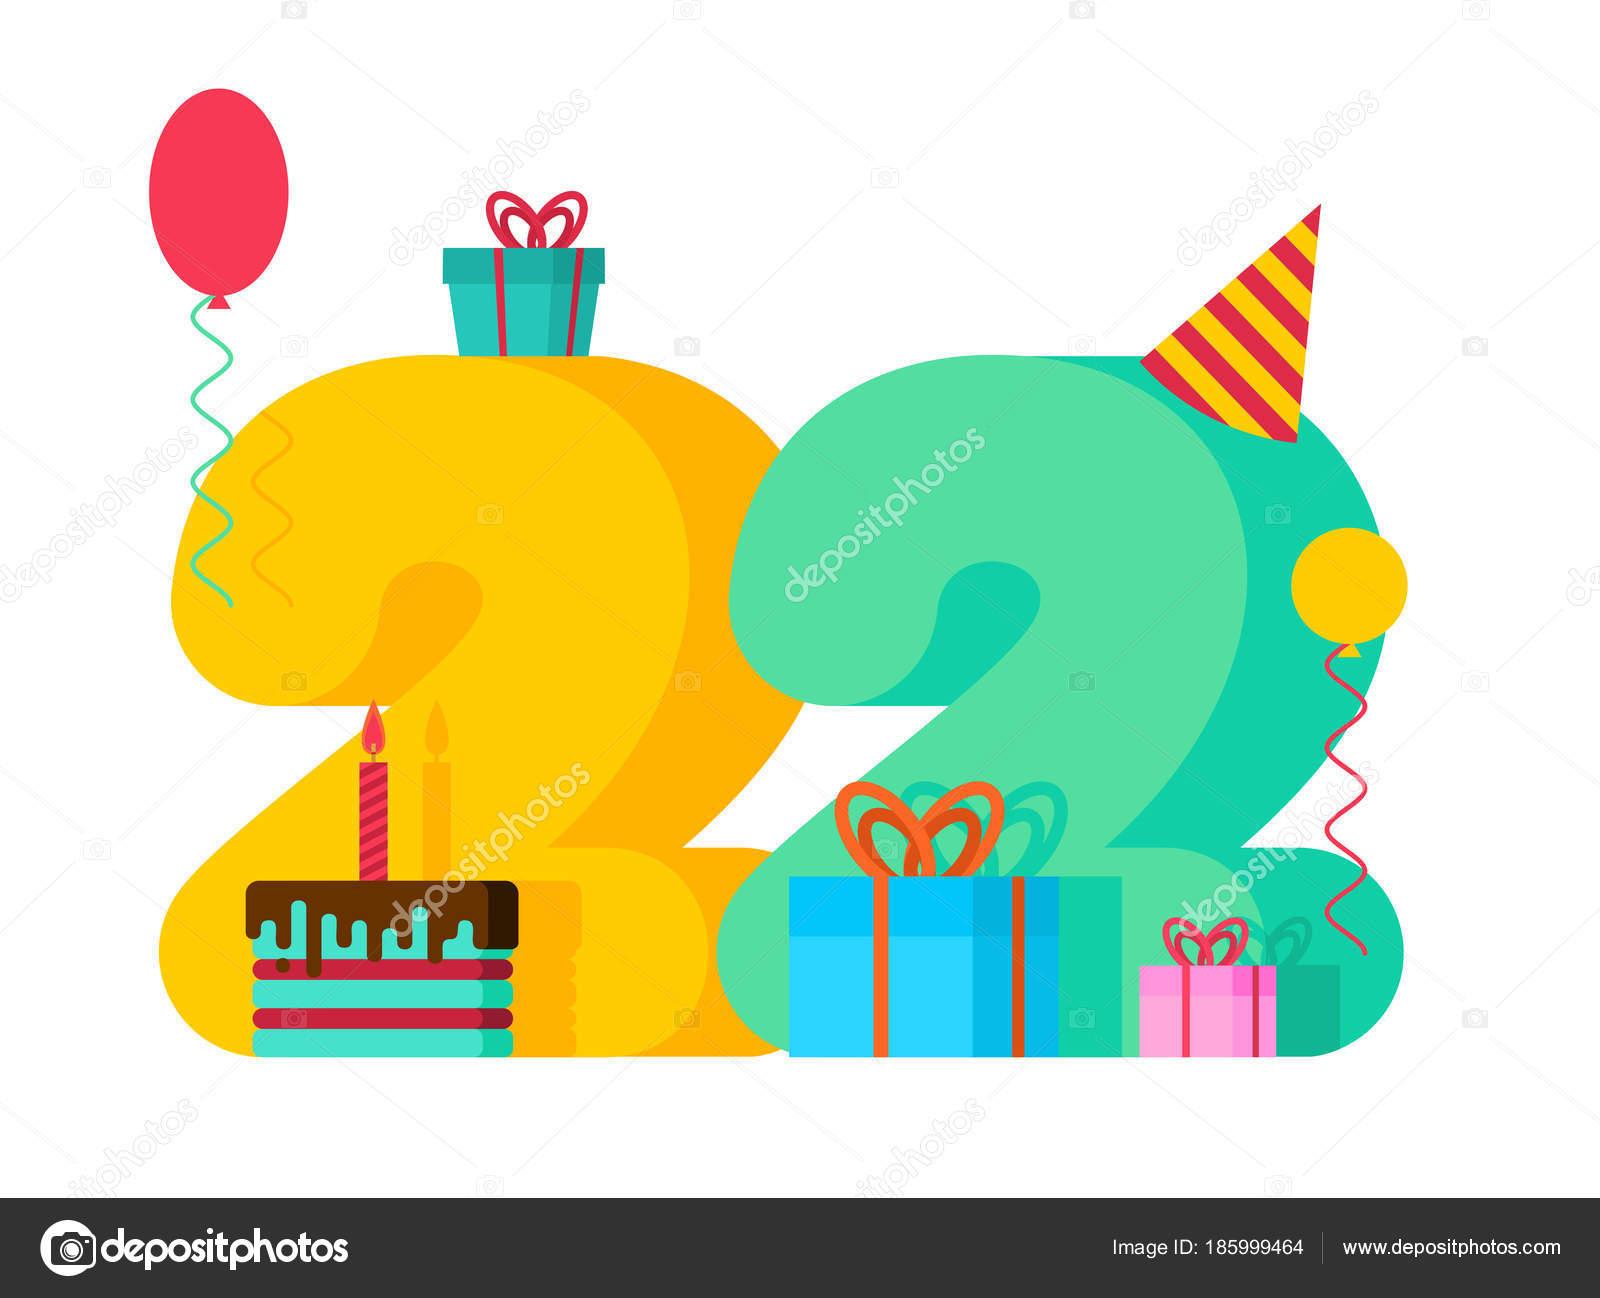 22 születésnapi köszöntő 22 éves születésnapi jele. 22 c sablon üdvözlőlap évforduló  22 születésnapi köszöntő